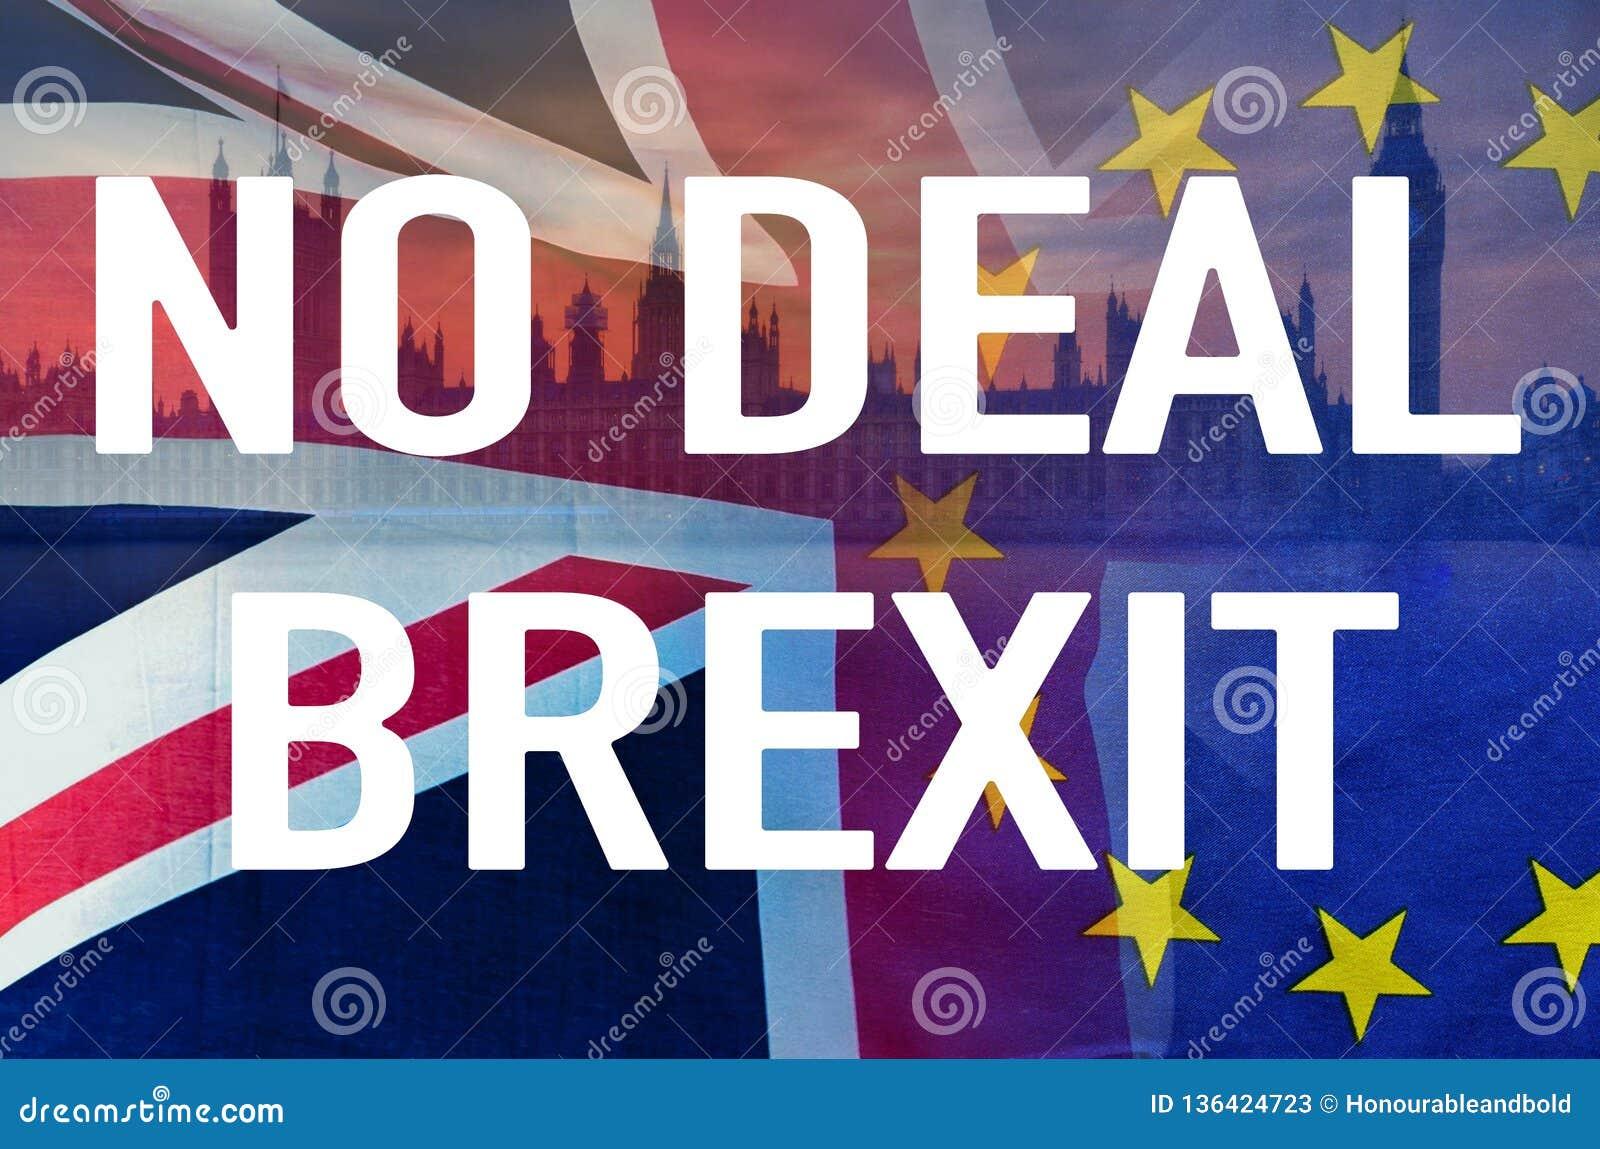 Aucune image conceptuelle de l affaire BREXIT de texte au-dessus d image de Londres et de drapeaux du R-U et de l UE symbolisant